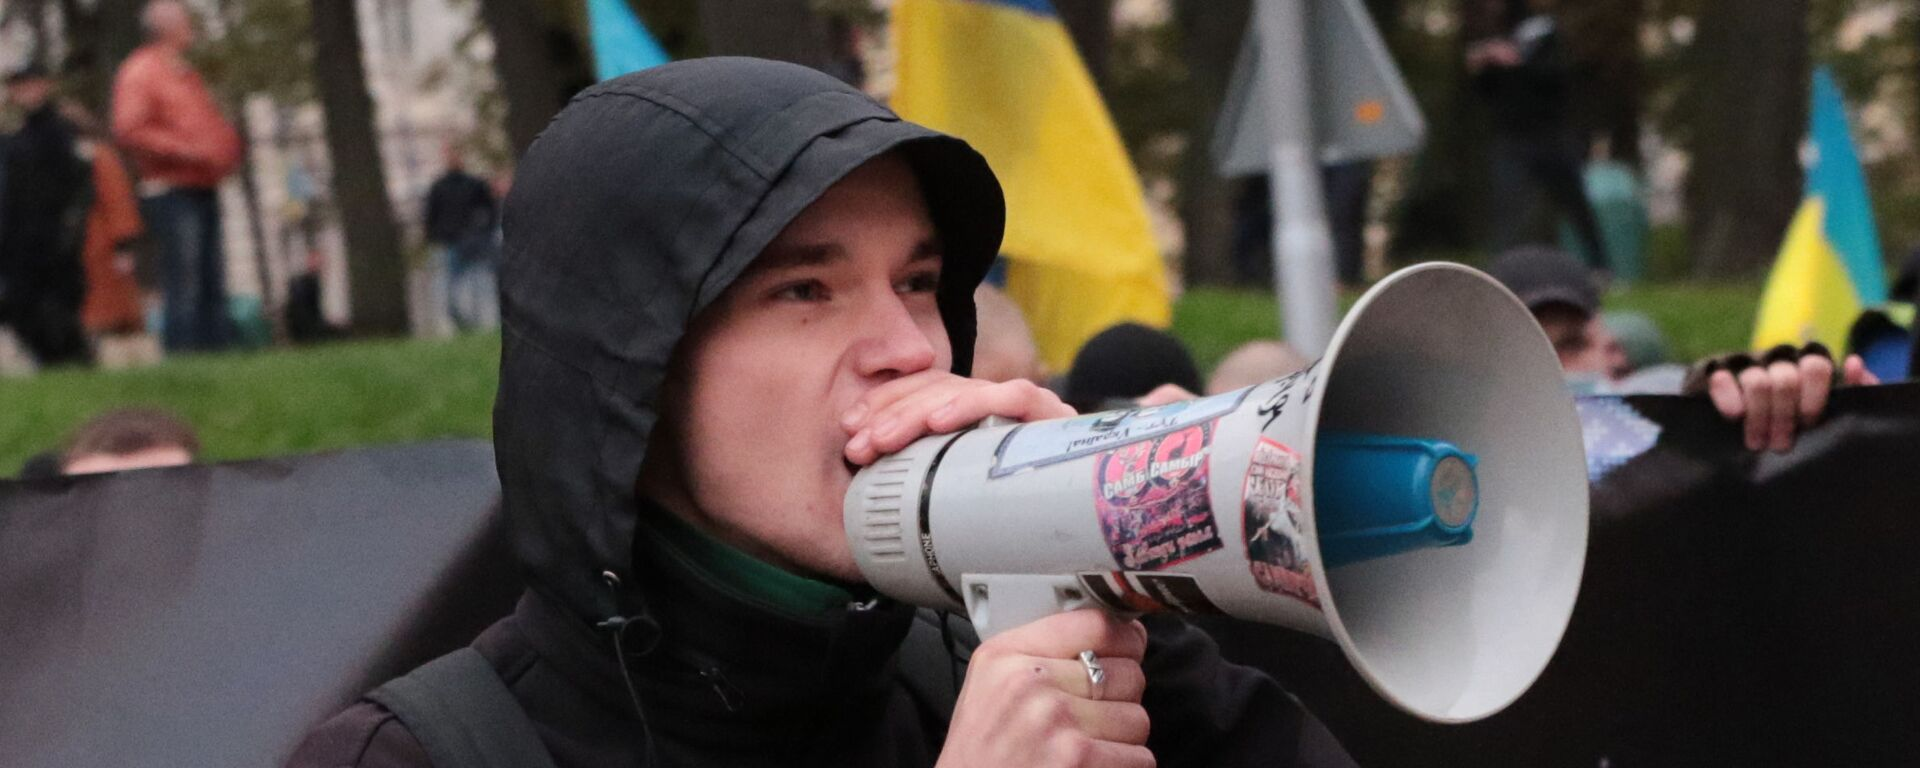 Uczestnik marszu z okazji rocznicy utworzenia UPA i Dnia Obrońcy Ukrainy we Lwowie. - Sputnik Polska, 1920, 09.05.2020